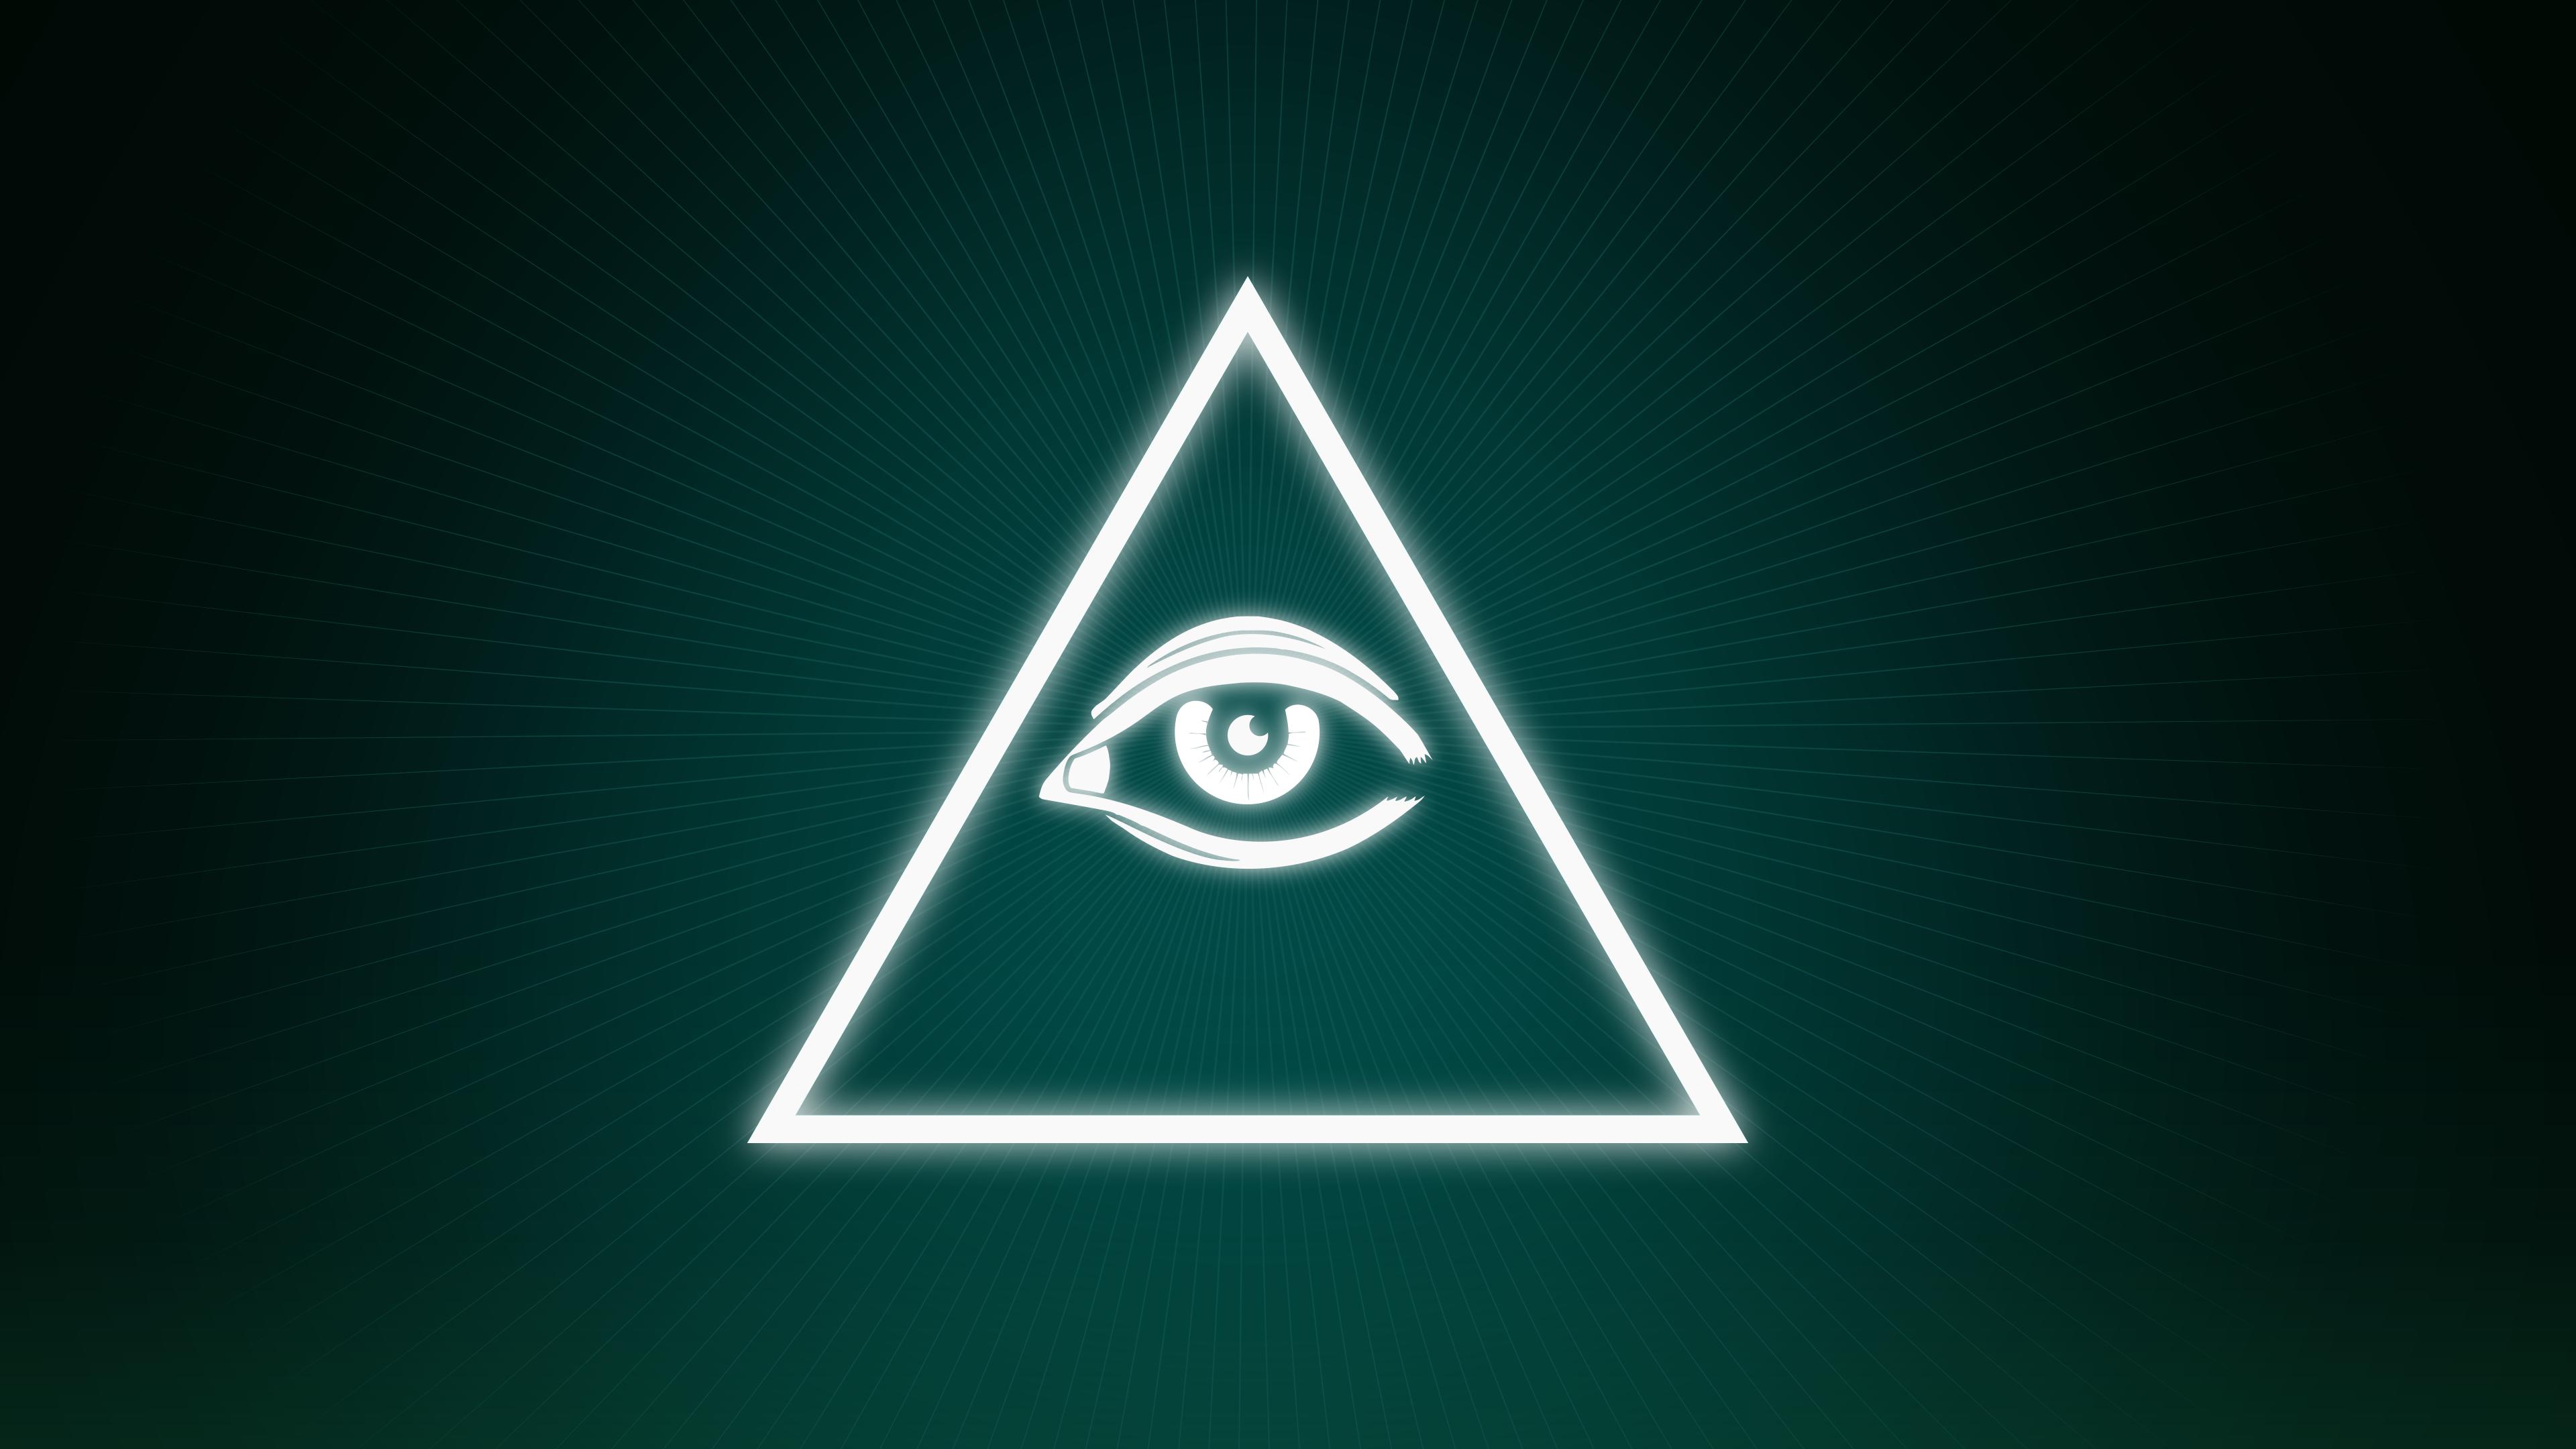 illuminati logo tumblr - photo #41